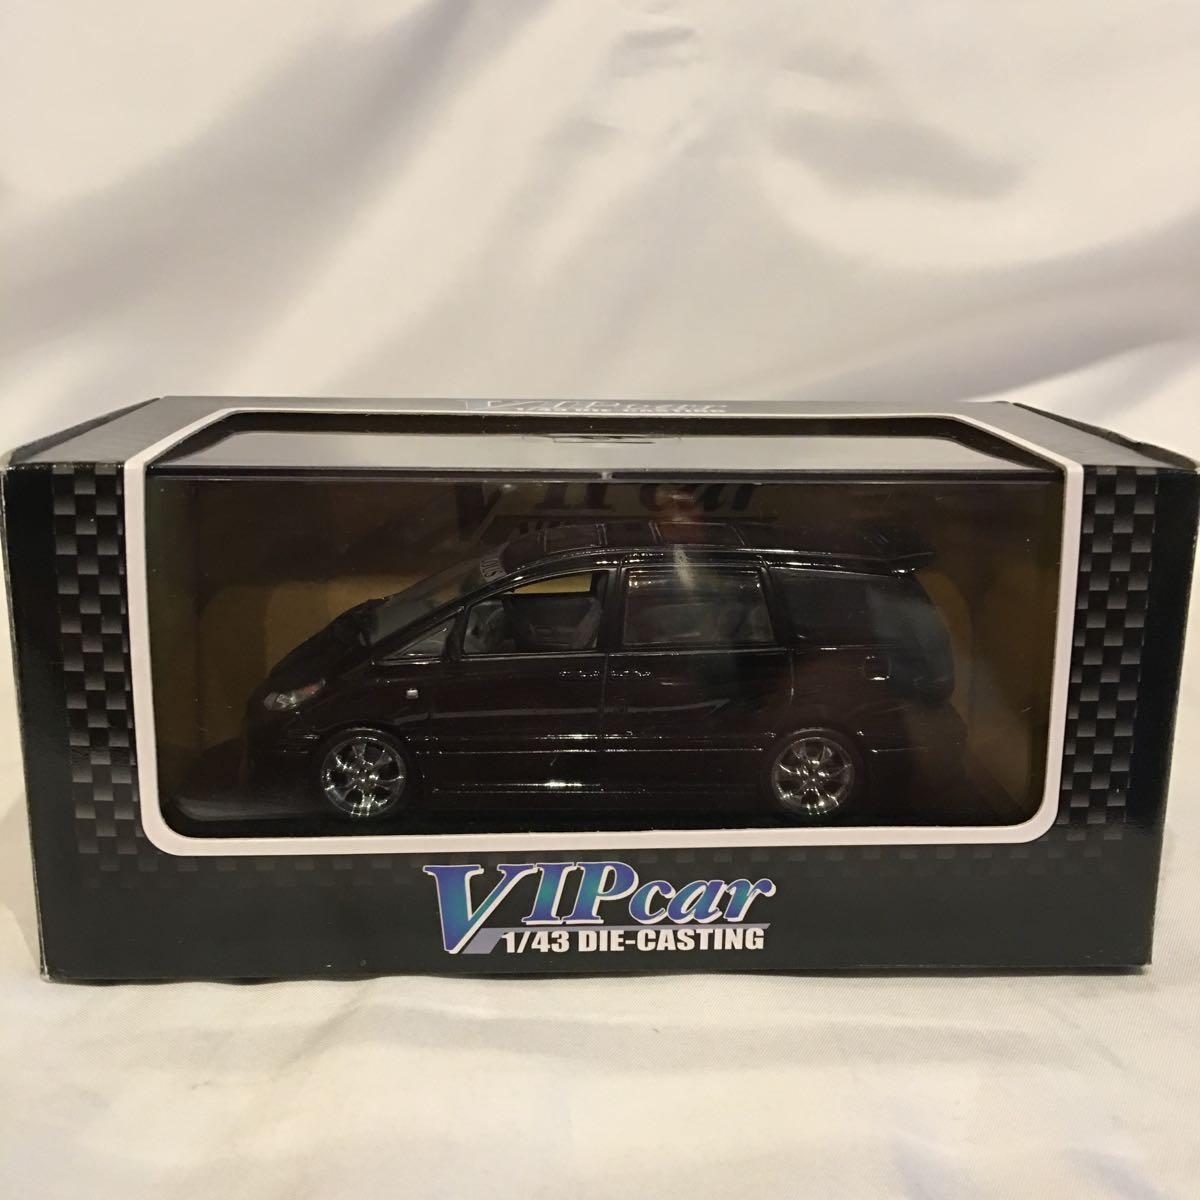 アオシマ 1/43 FABULOUS ACR MCR トヨタ エスティマ ブラック ミニカー ファブレス エアロ ホイール カスタム モデルカー 黒色 ESTIMA_画像3